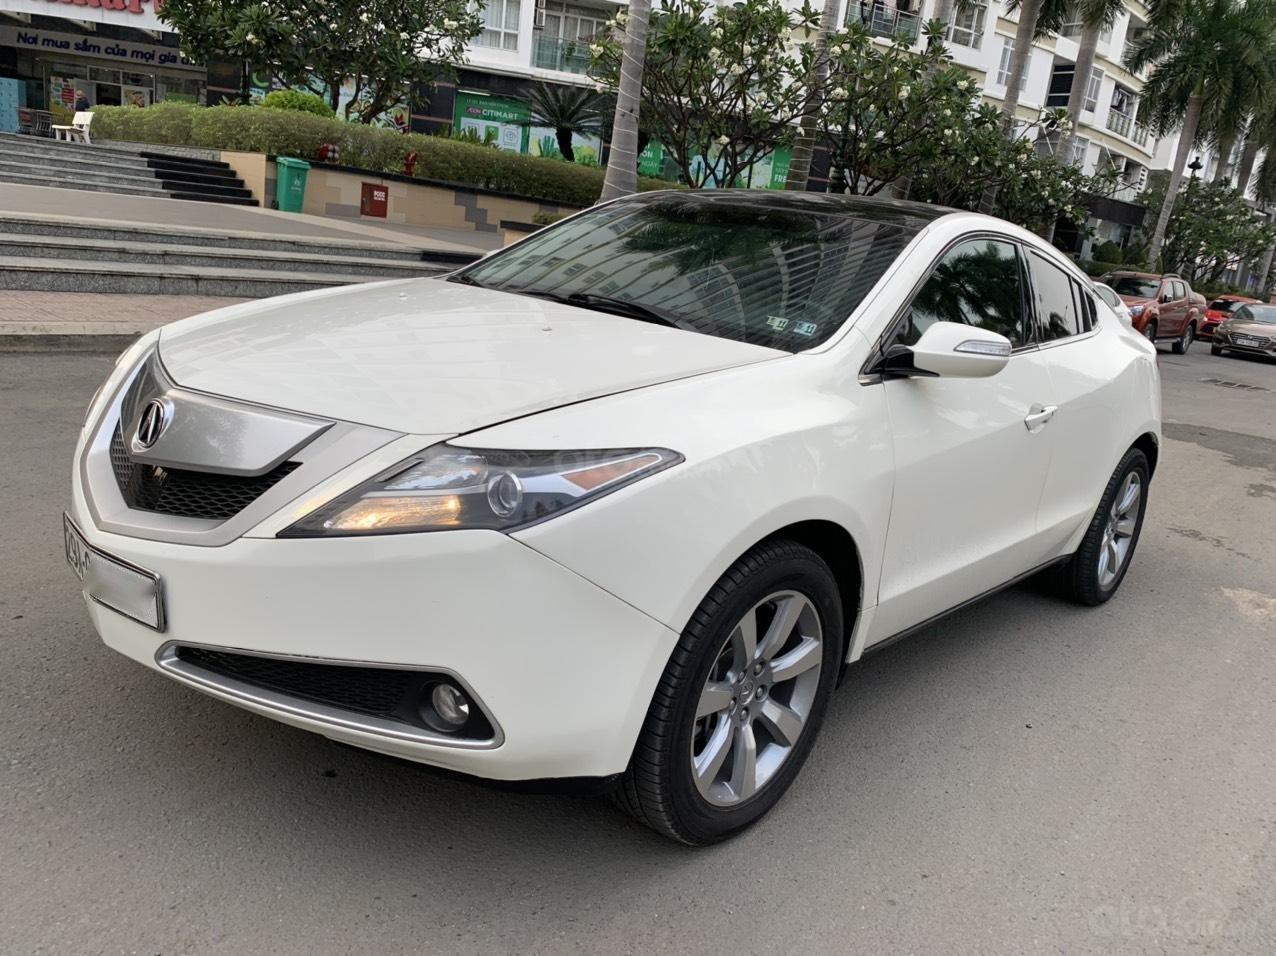 Cần bán xe Acura ZDX SX 2010, màu trắng giá 1 tỷ 130 triệu (4)